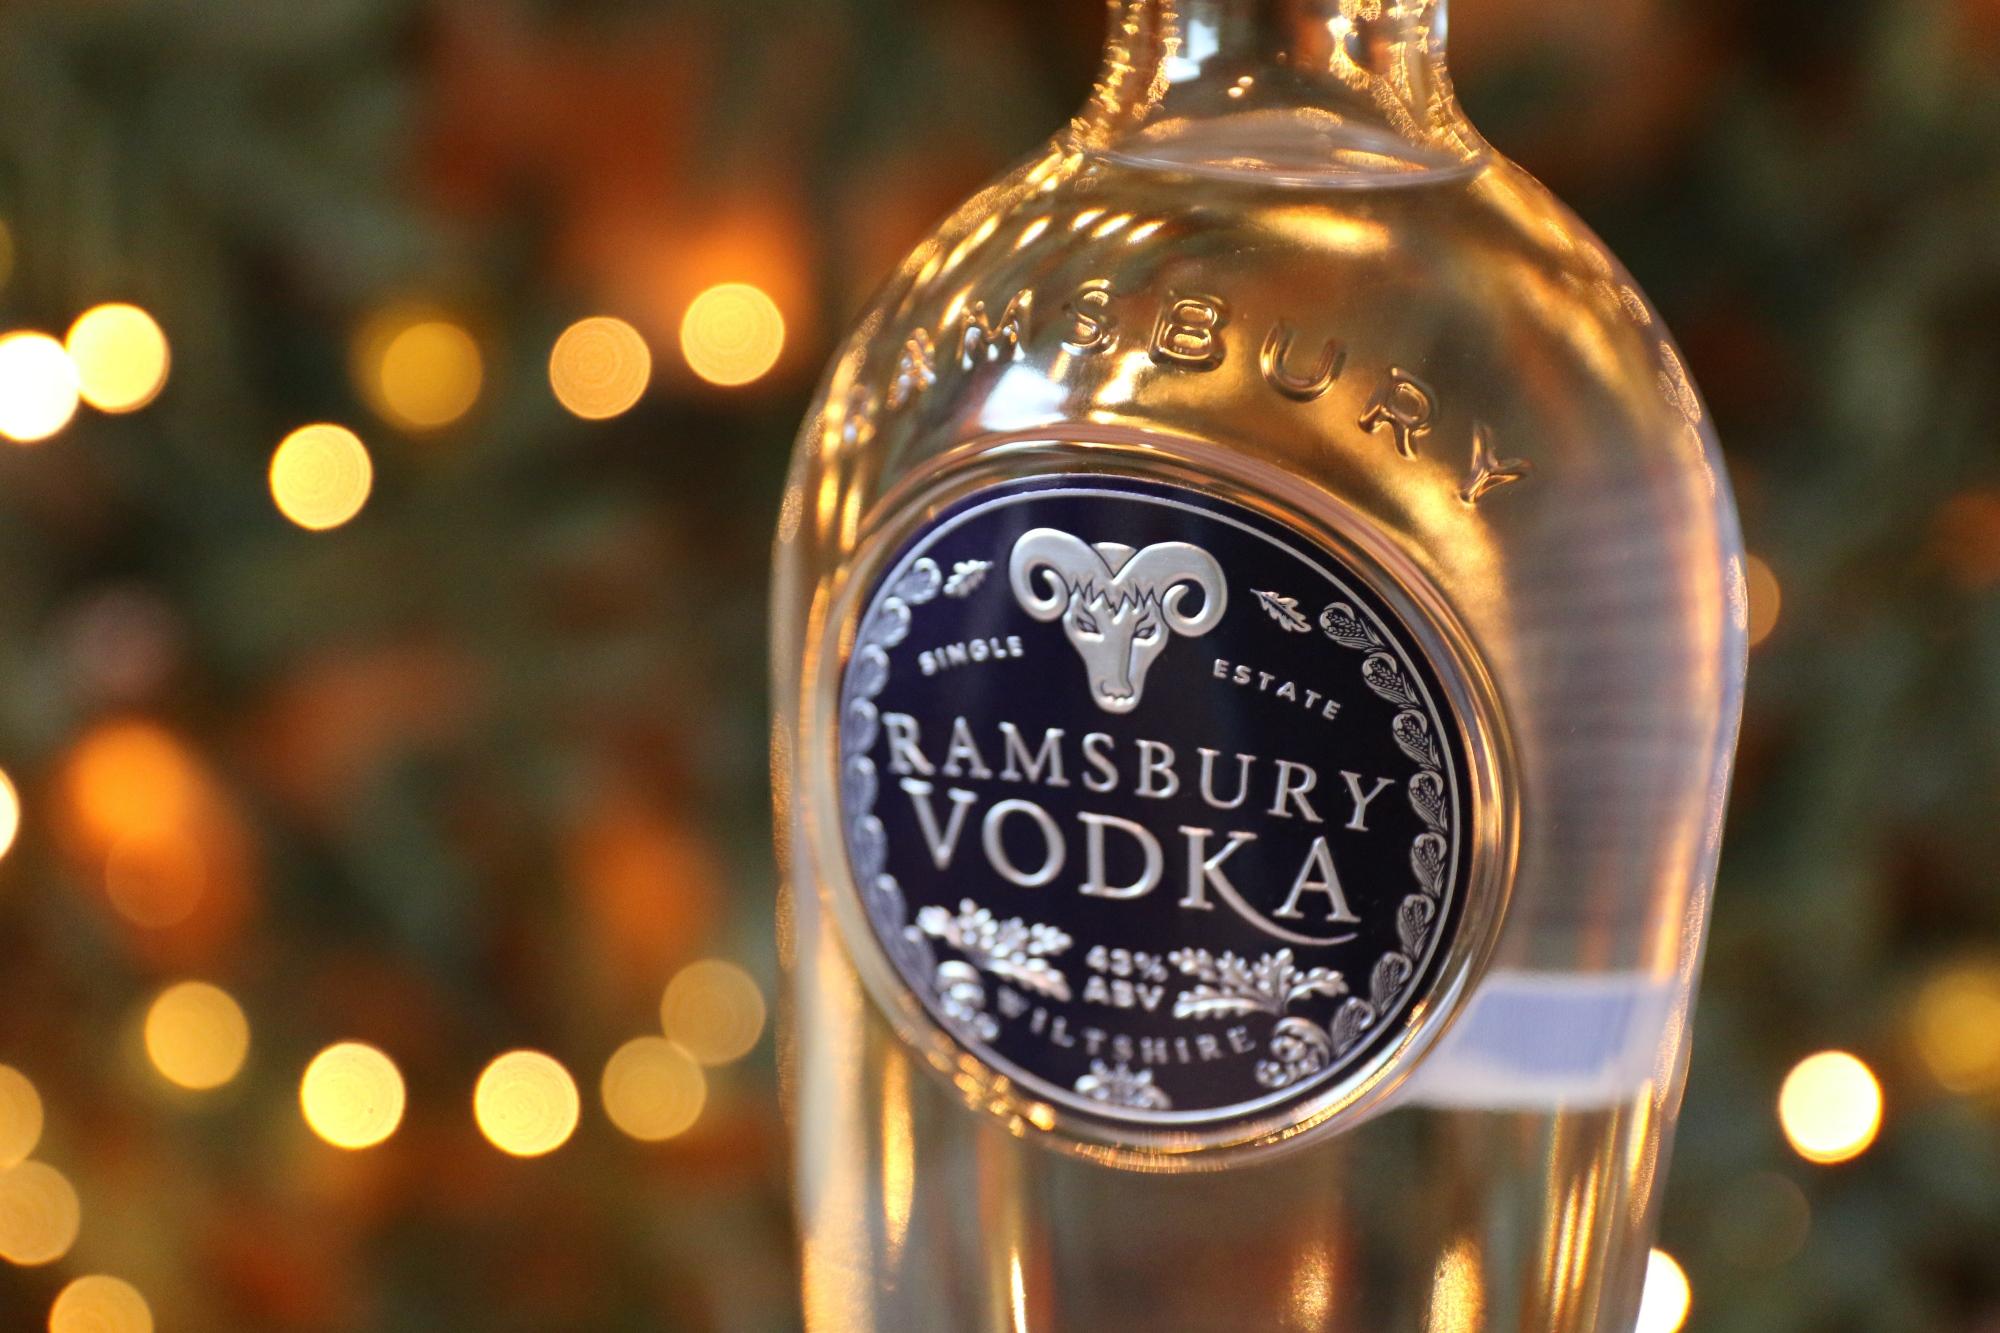 ramsbury-single-estate-vodka